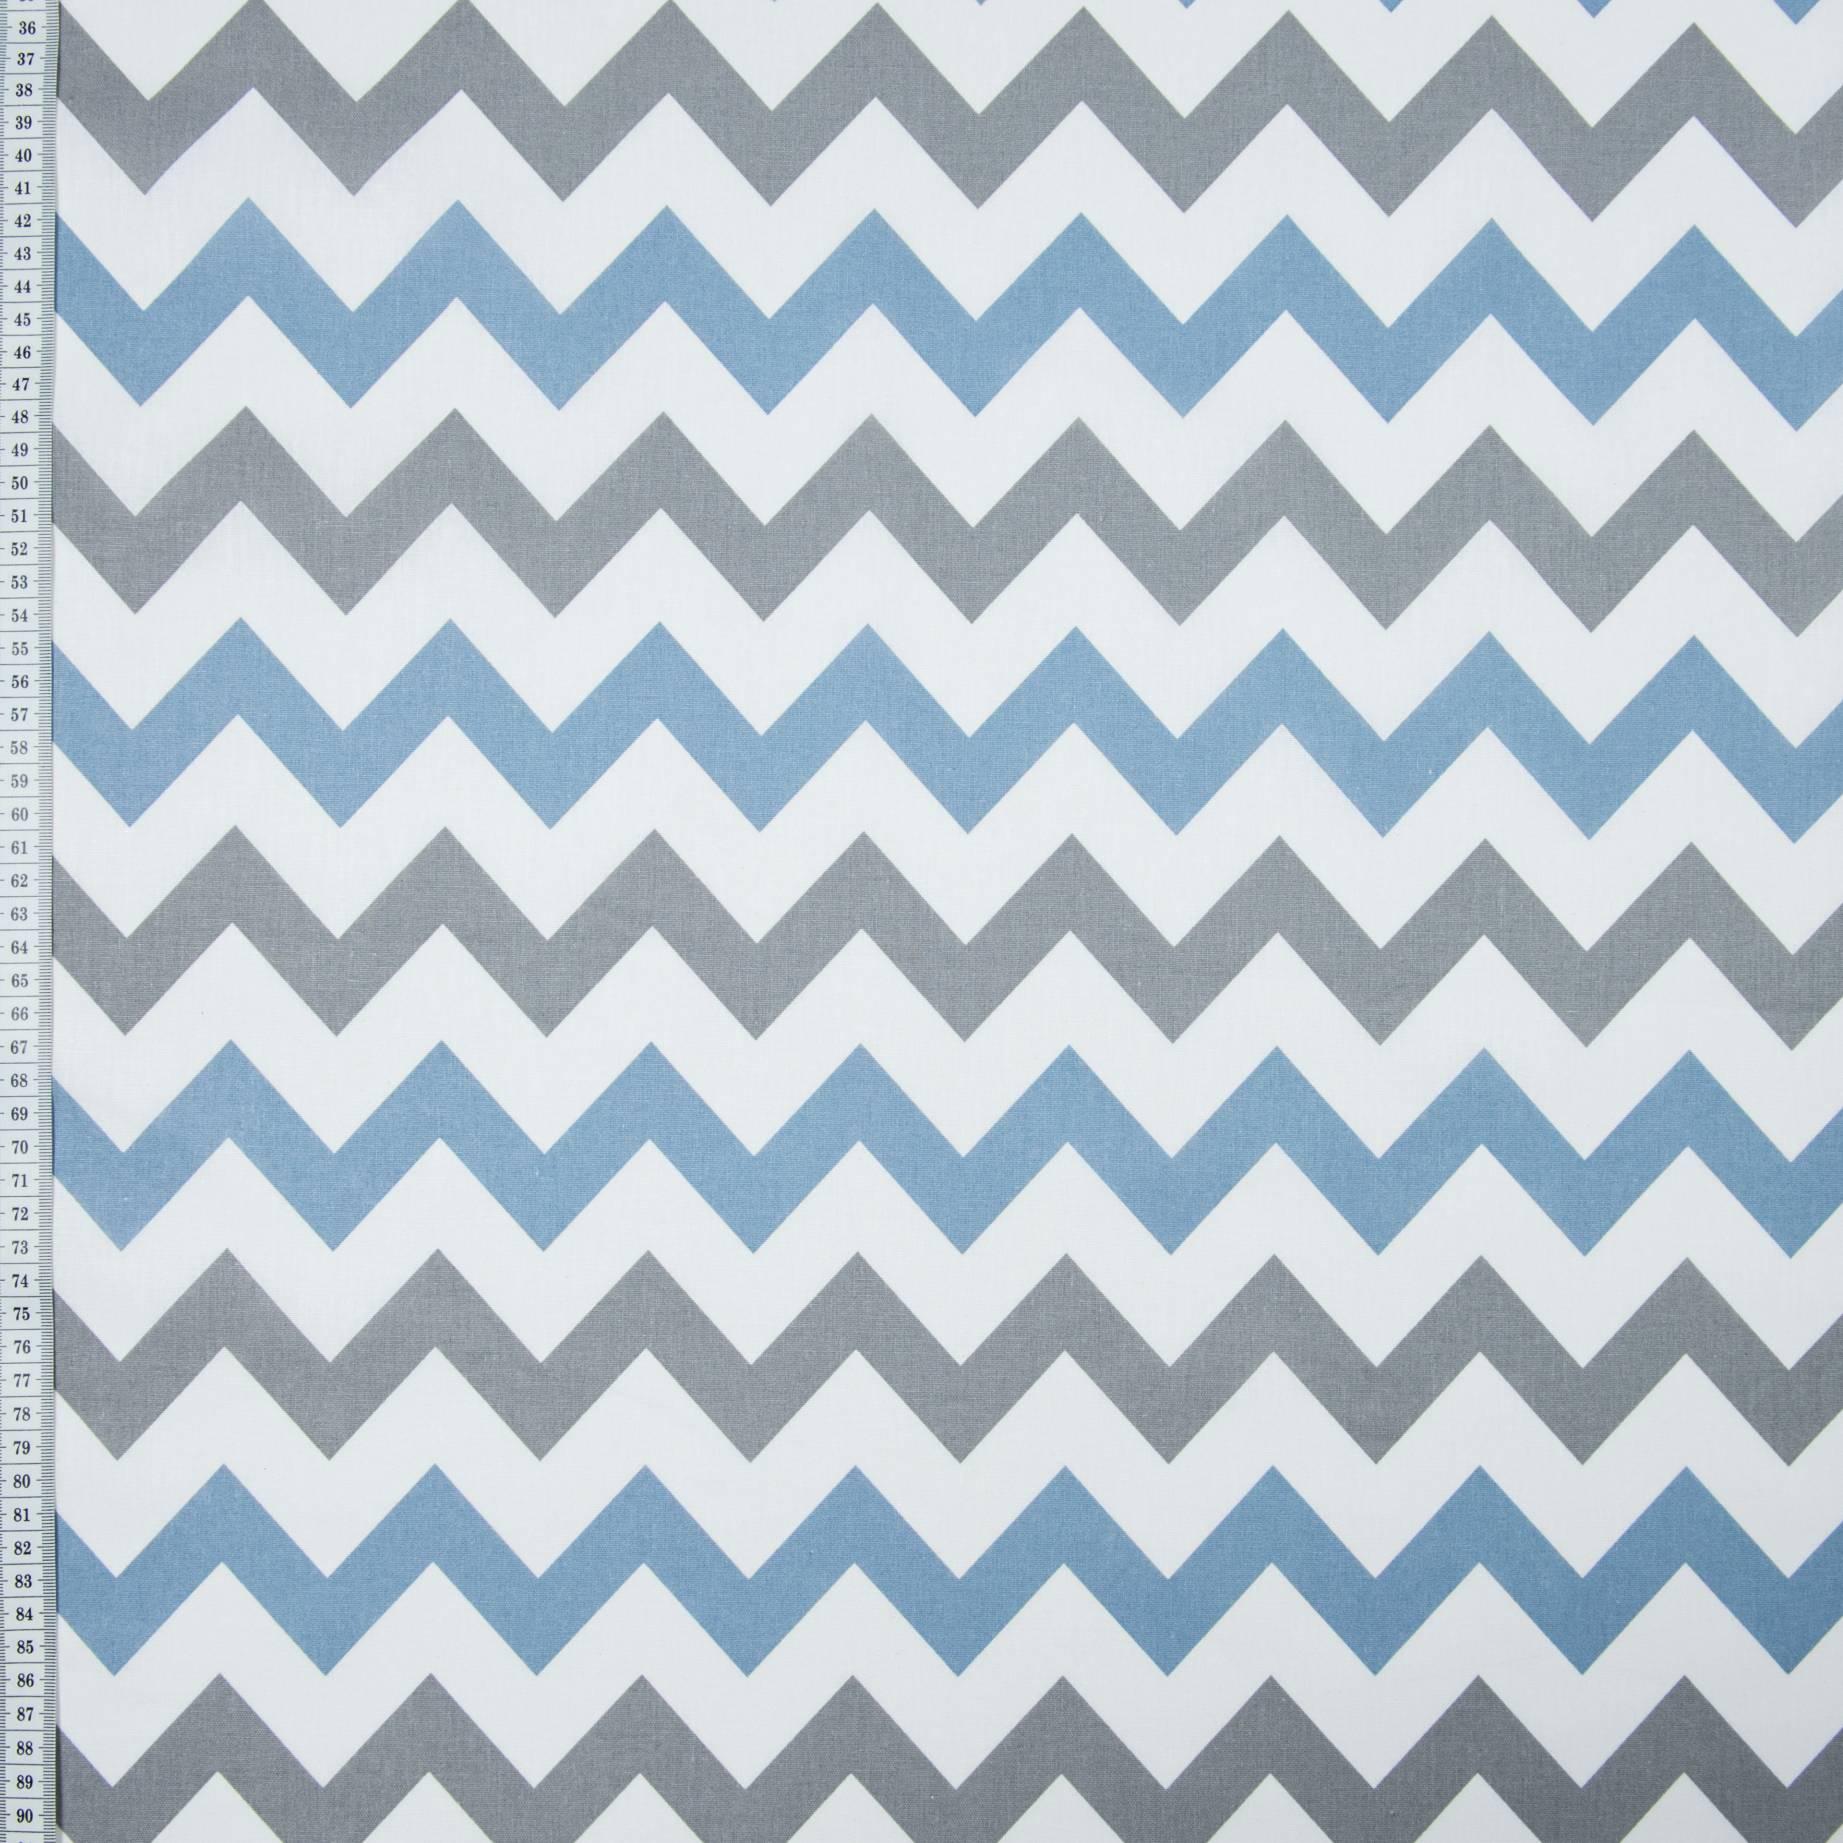 Бязь набивная, Зиг-заг, синяя, плотность 120, 50x55, хлопок 100%